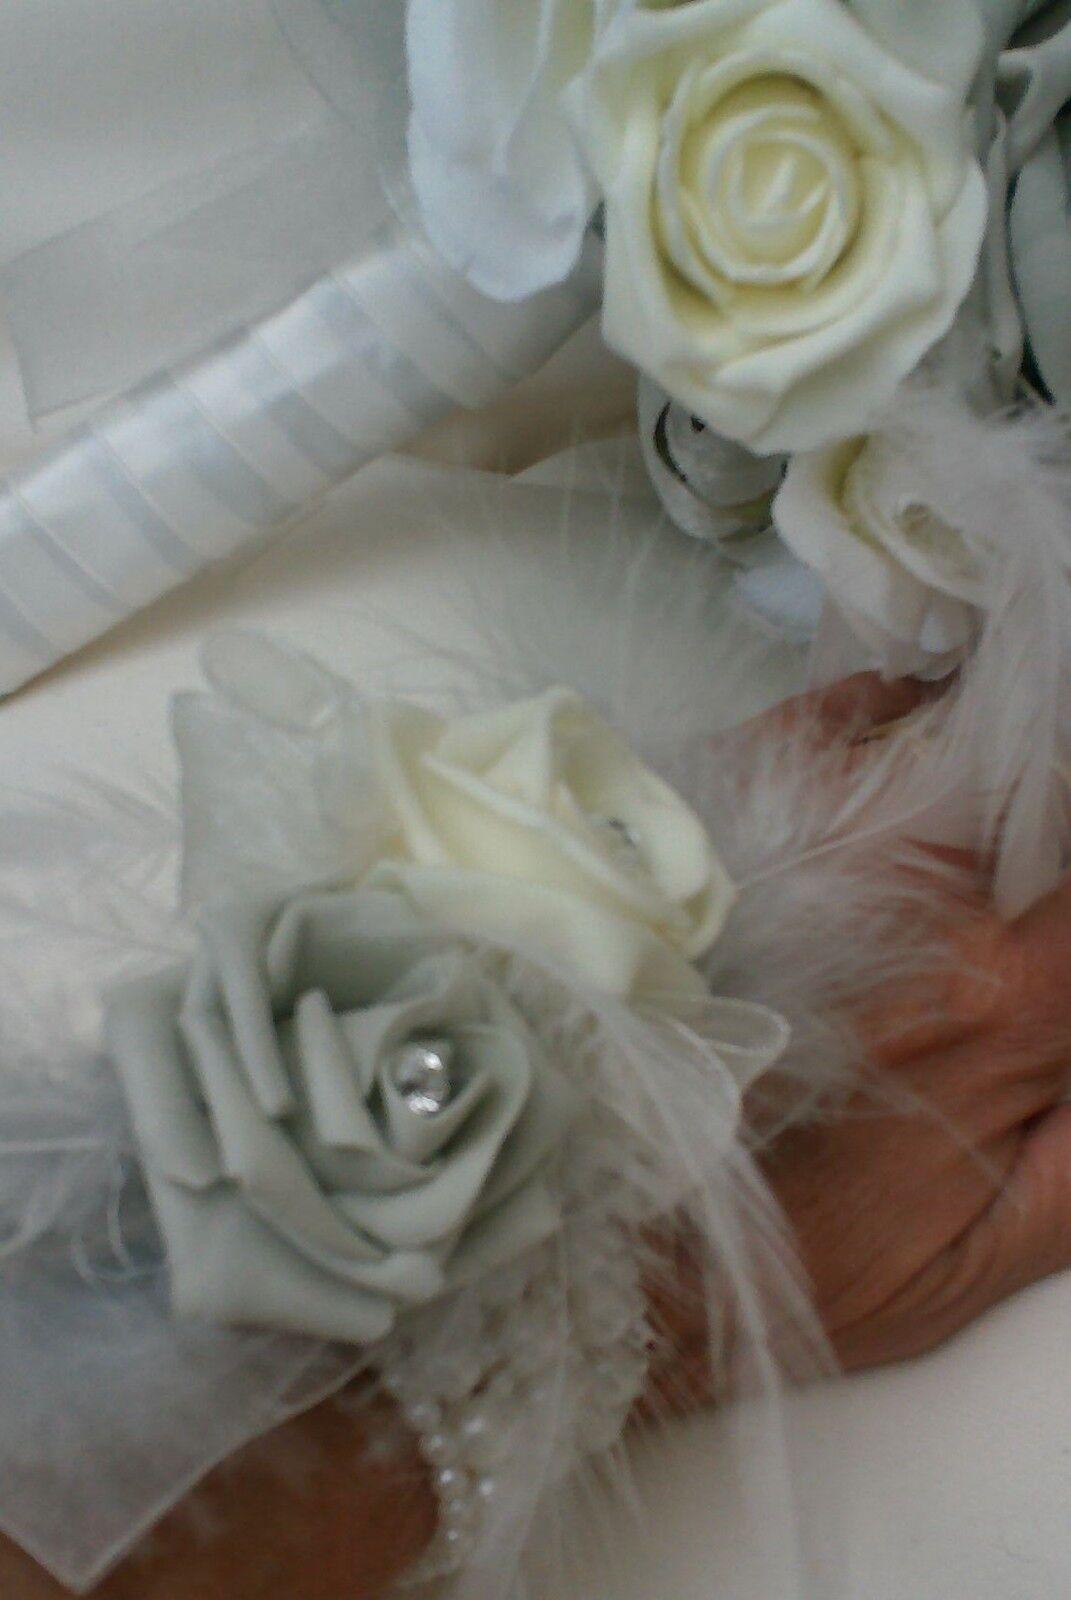 Avorio argentoo argentoo argentoo grigio rosaS Posy Bouquet Sposa Nozze Fiori Bouquet da Polso Piuma 78c32e